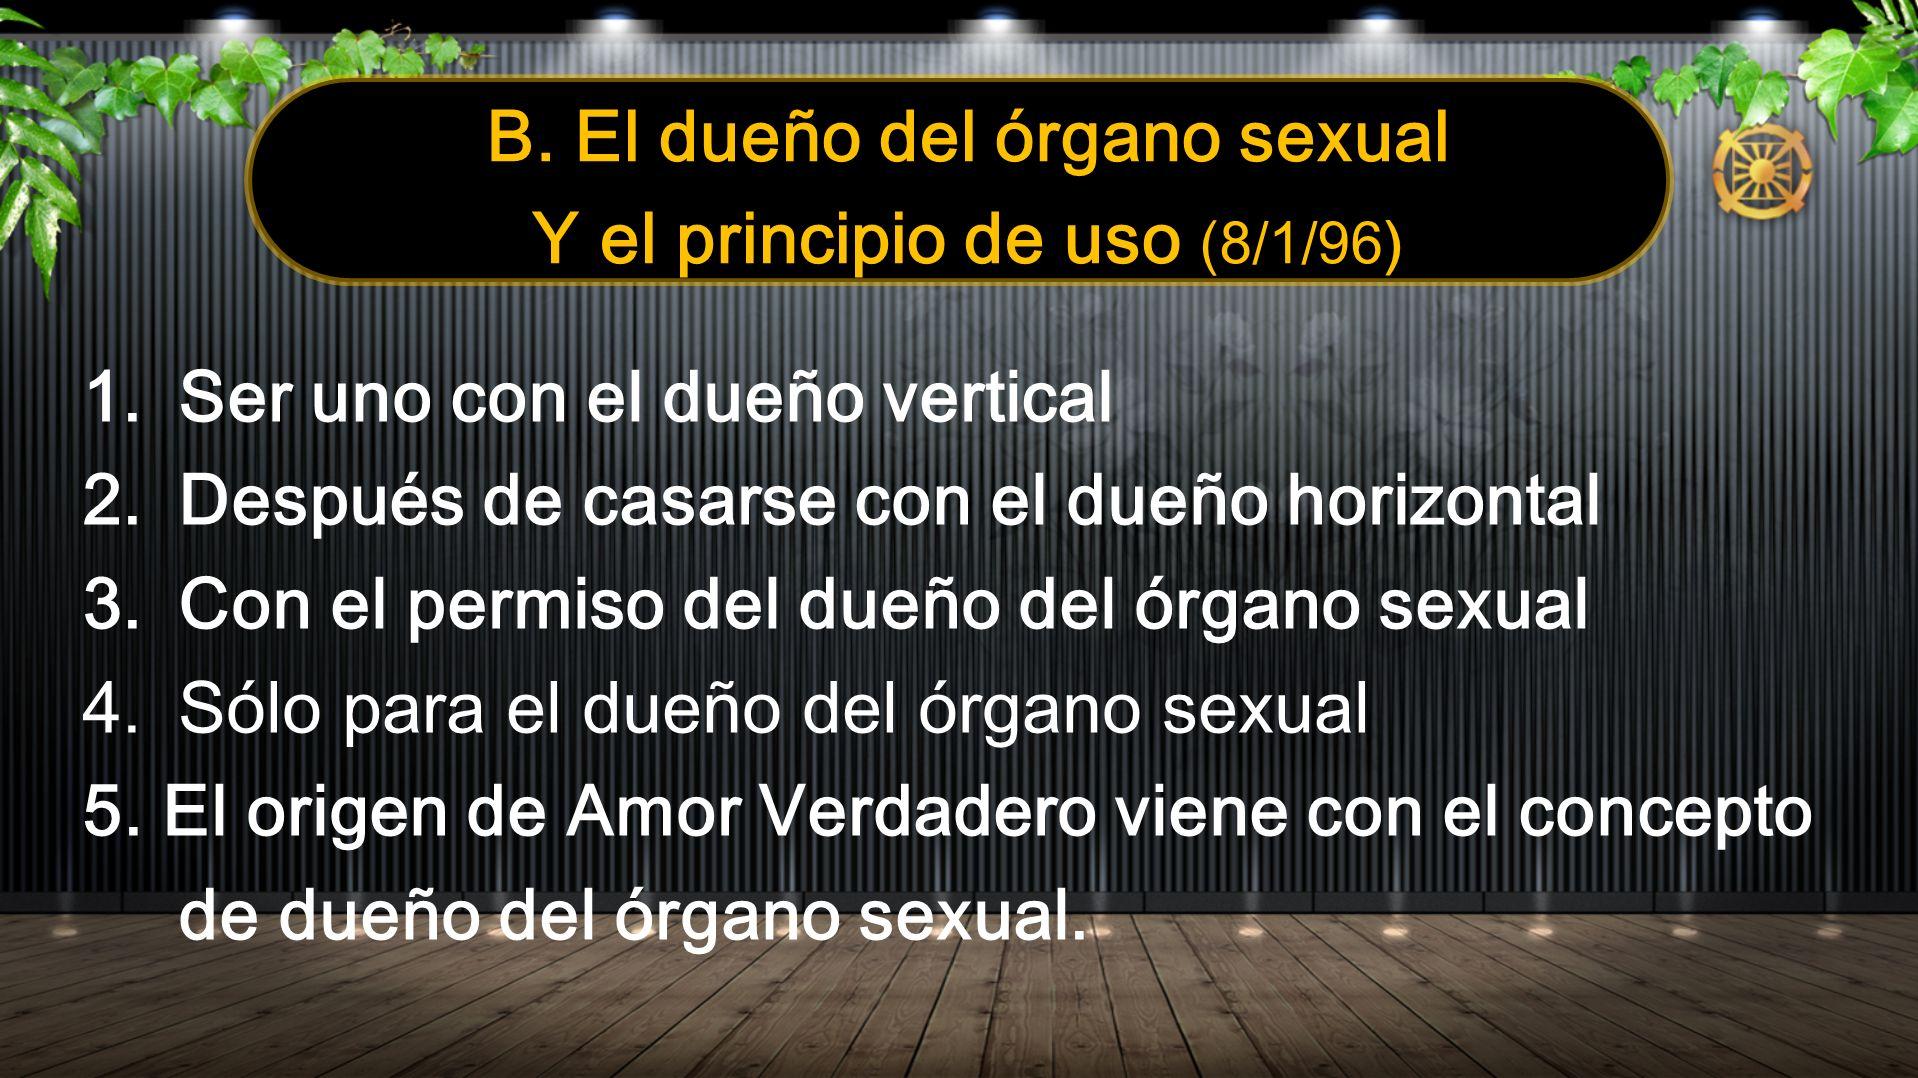 B. El dueño del órgano sexual